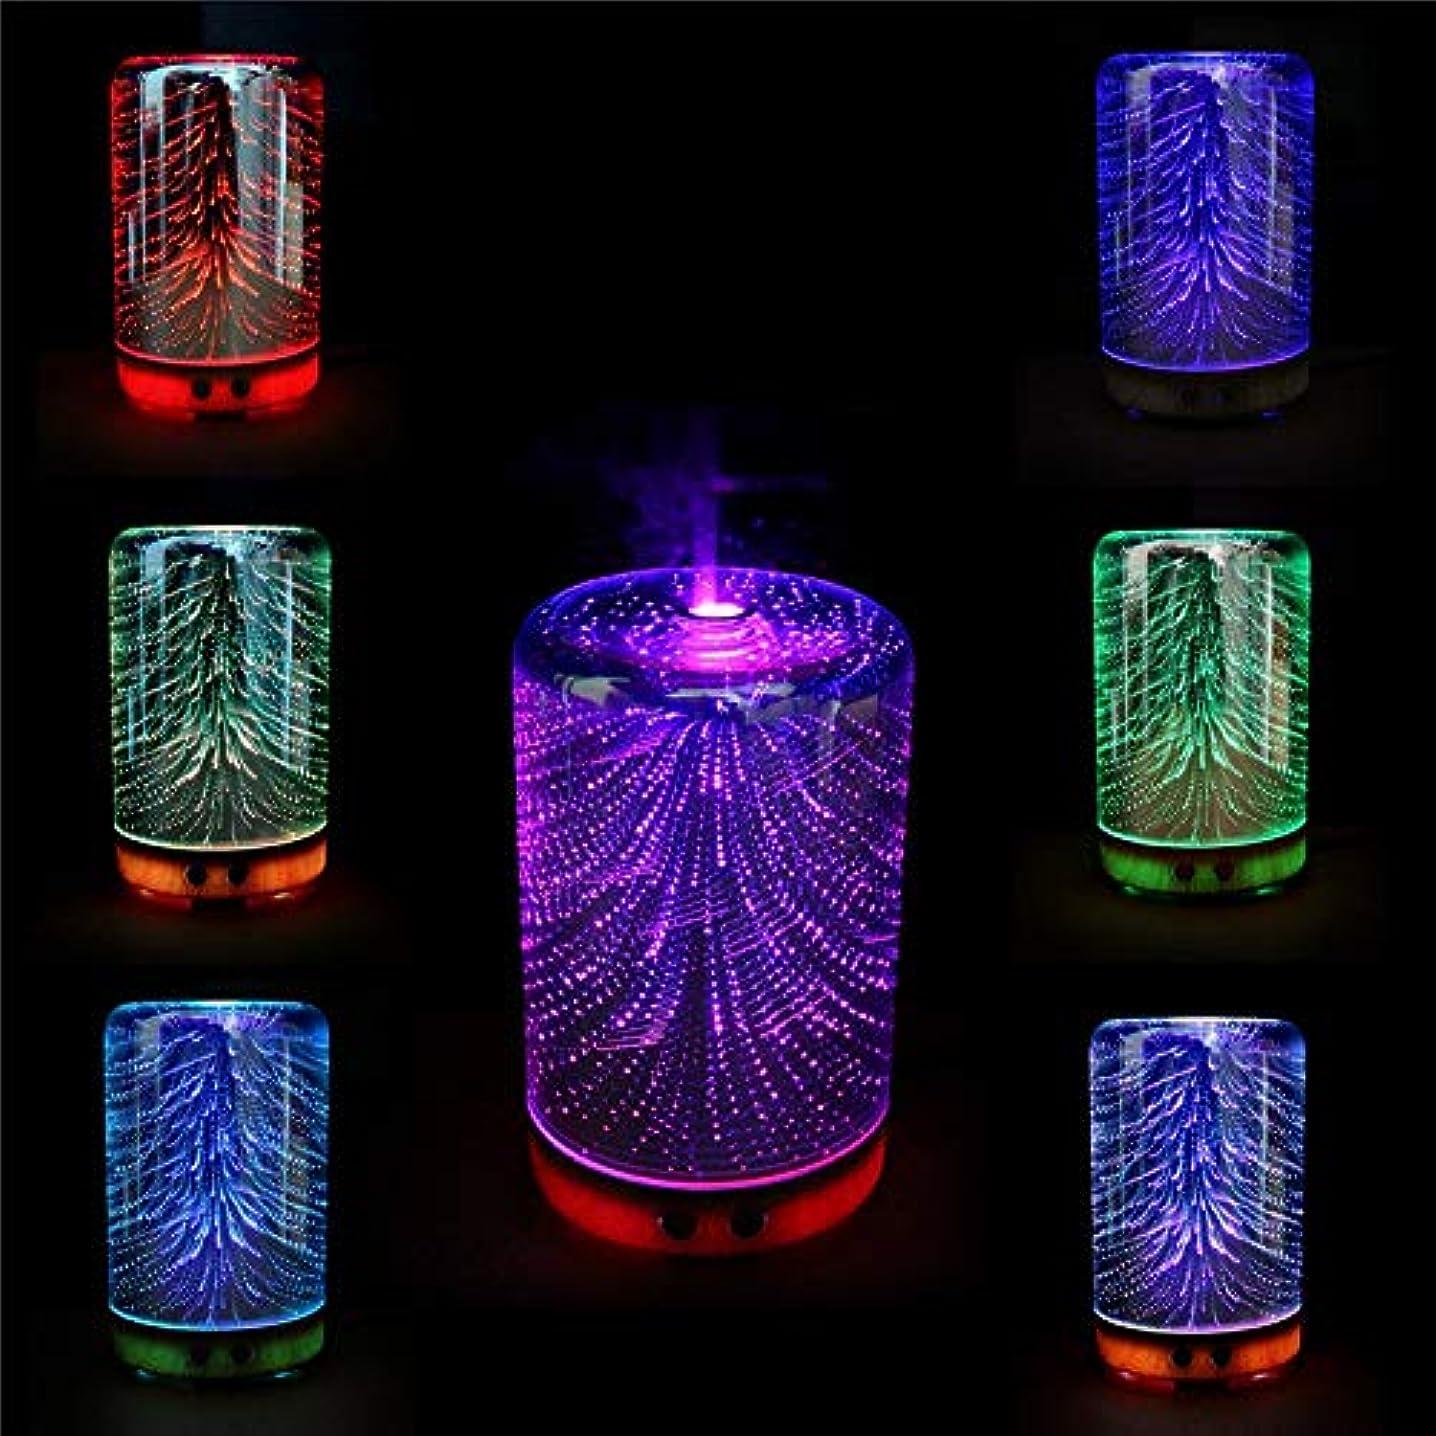 雄弁スーダンバレエLYEJM Color Changing 3D Lighting Essential Oil Aroma Diffuser Ultrasonic Mist Humidifier Aromatherapy 141[並行輸入]